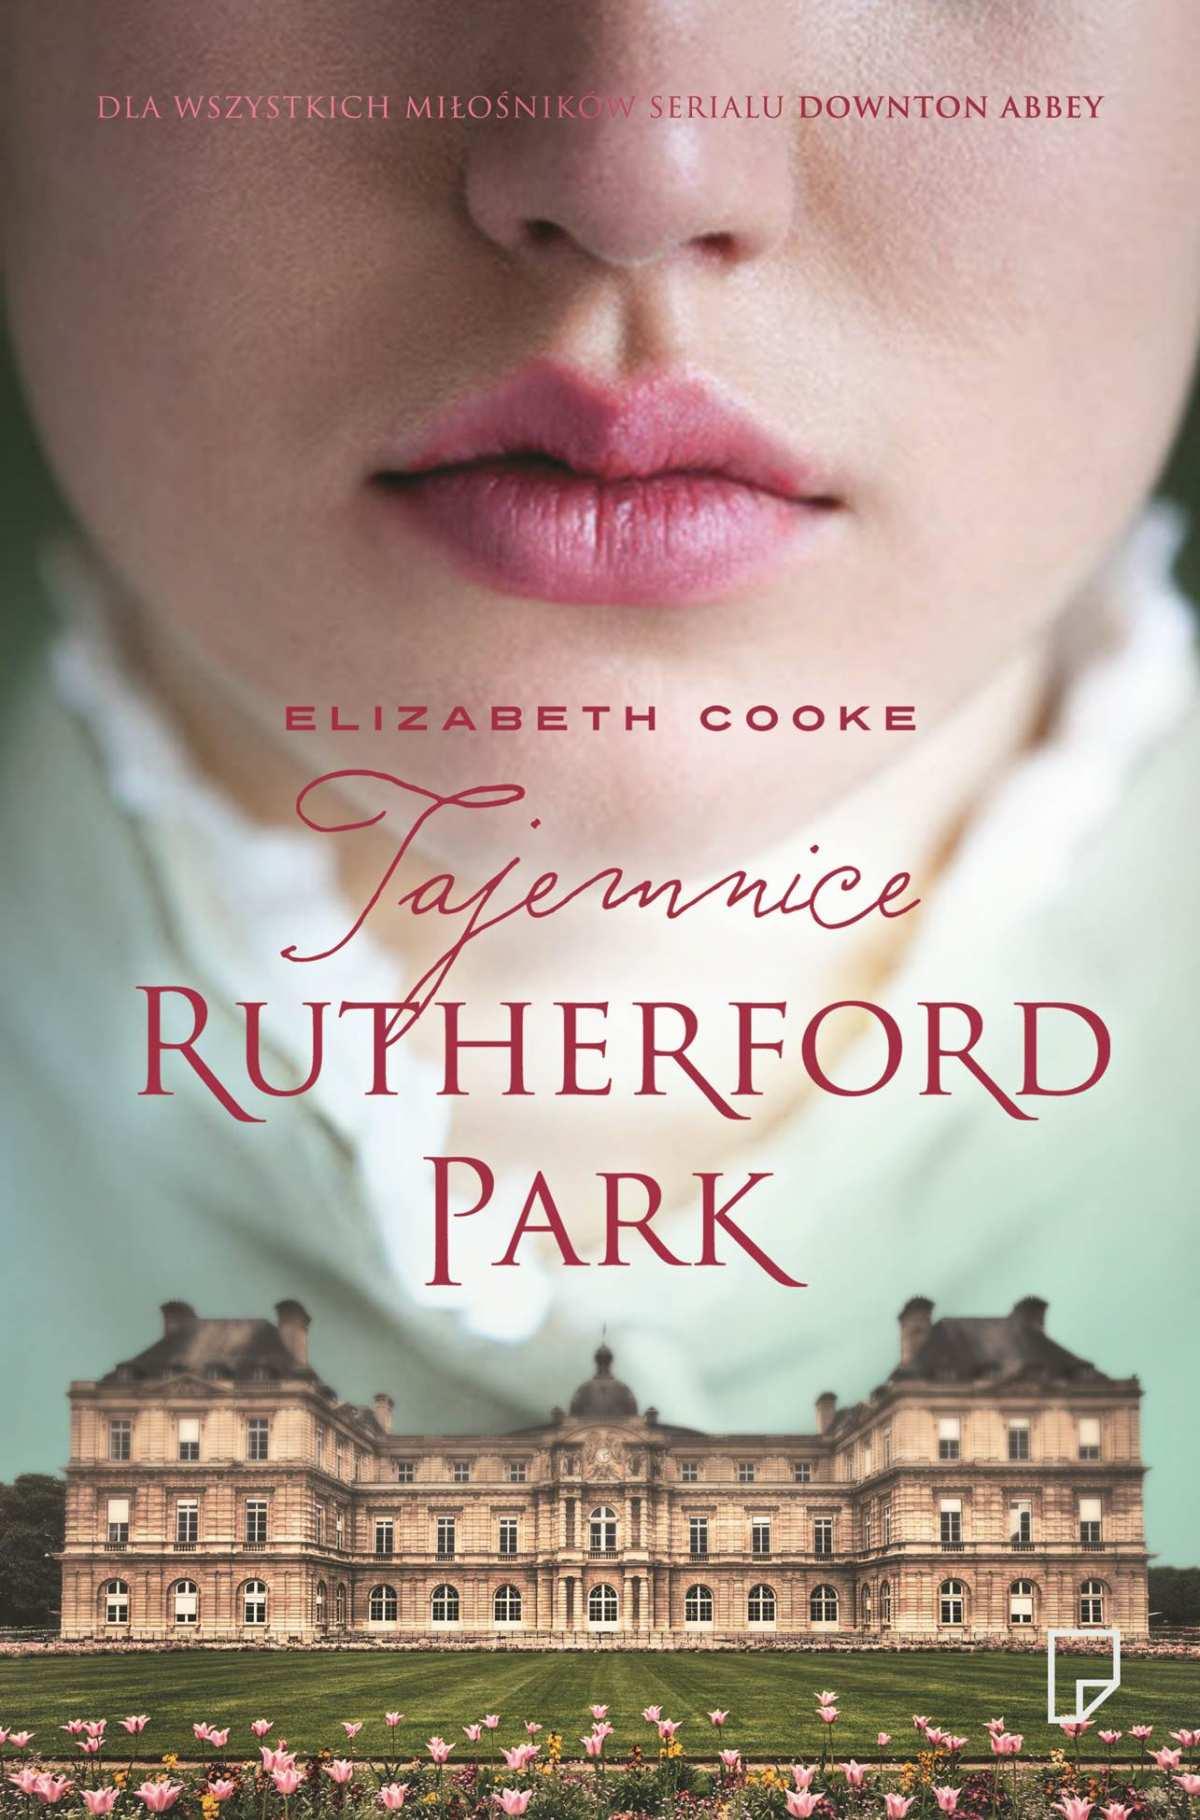 Tajemnice Rutherford Park - Tylko w Legimi możesz przeczytać ten tytuł przez 7 dni za darmo. - Elizabeth Cooke